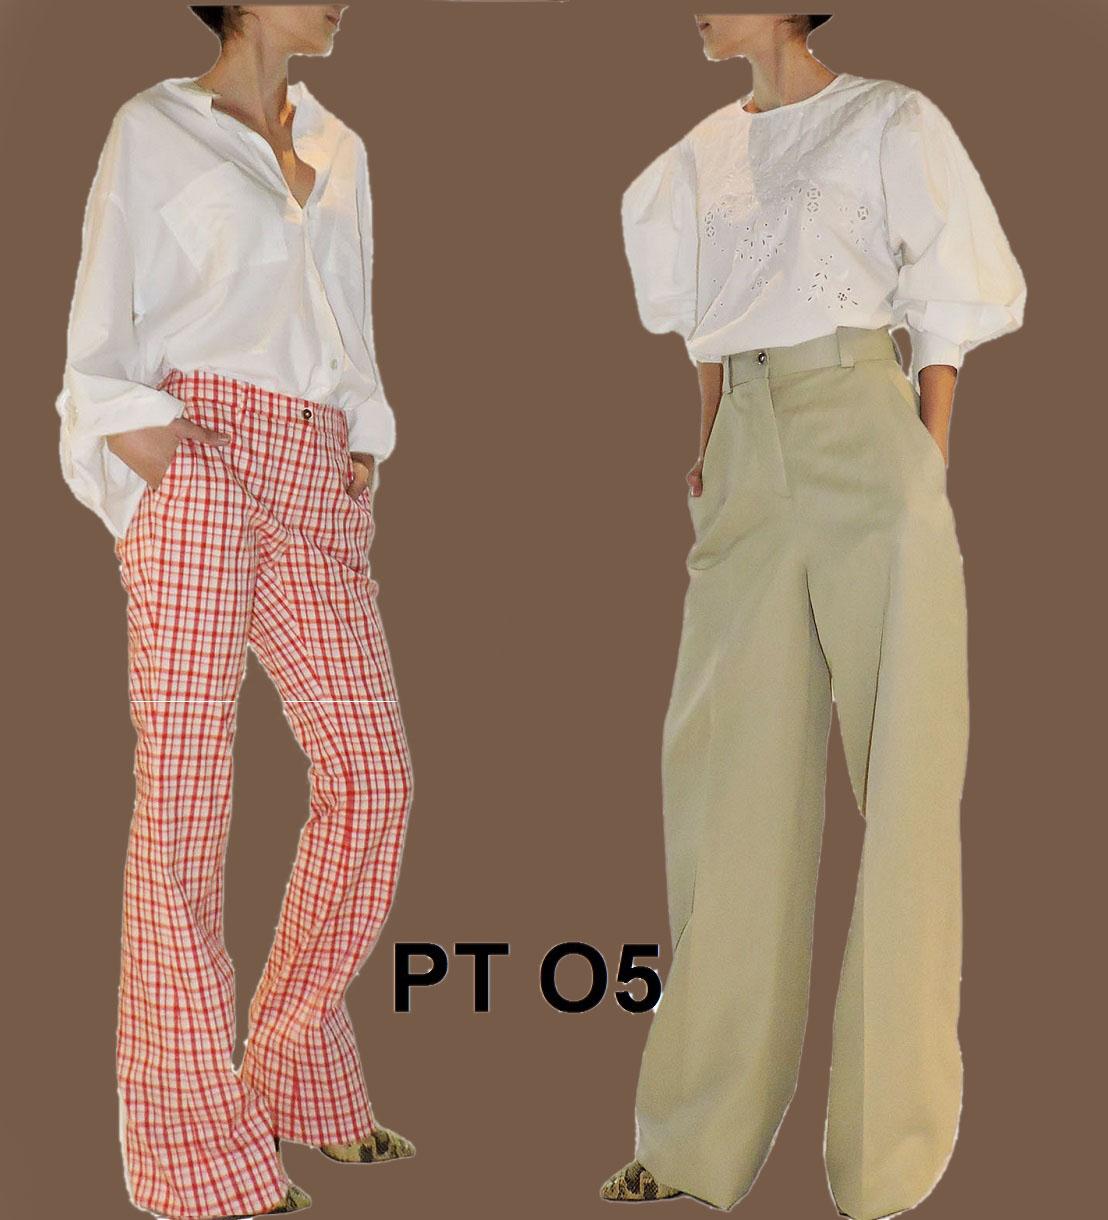 COOLEST PANTS - PT05